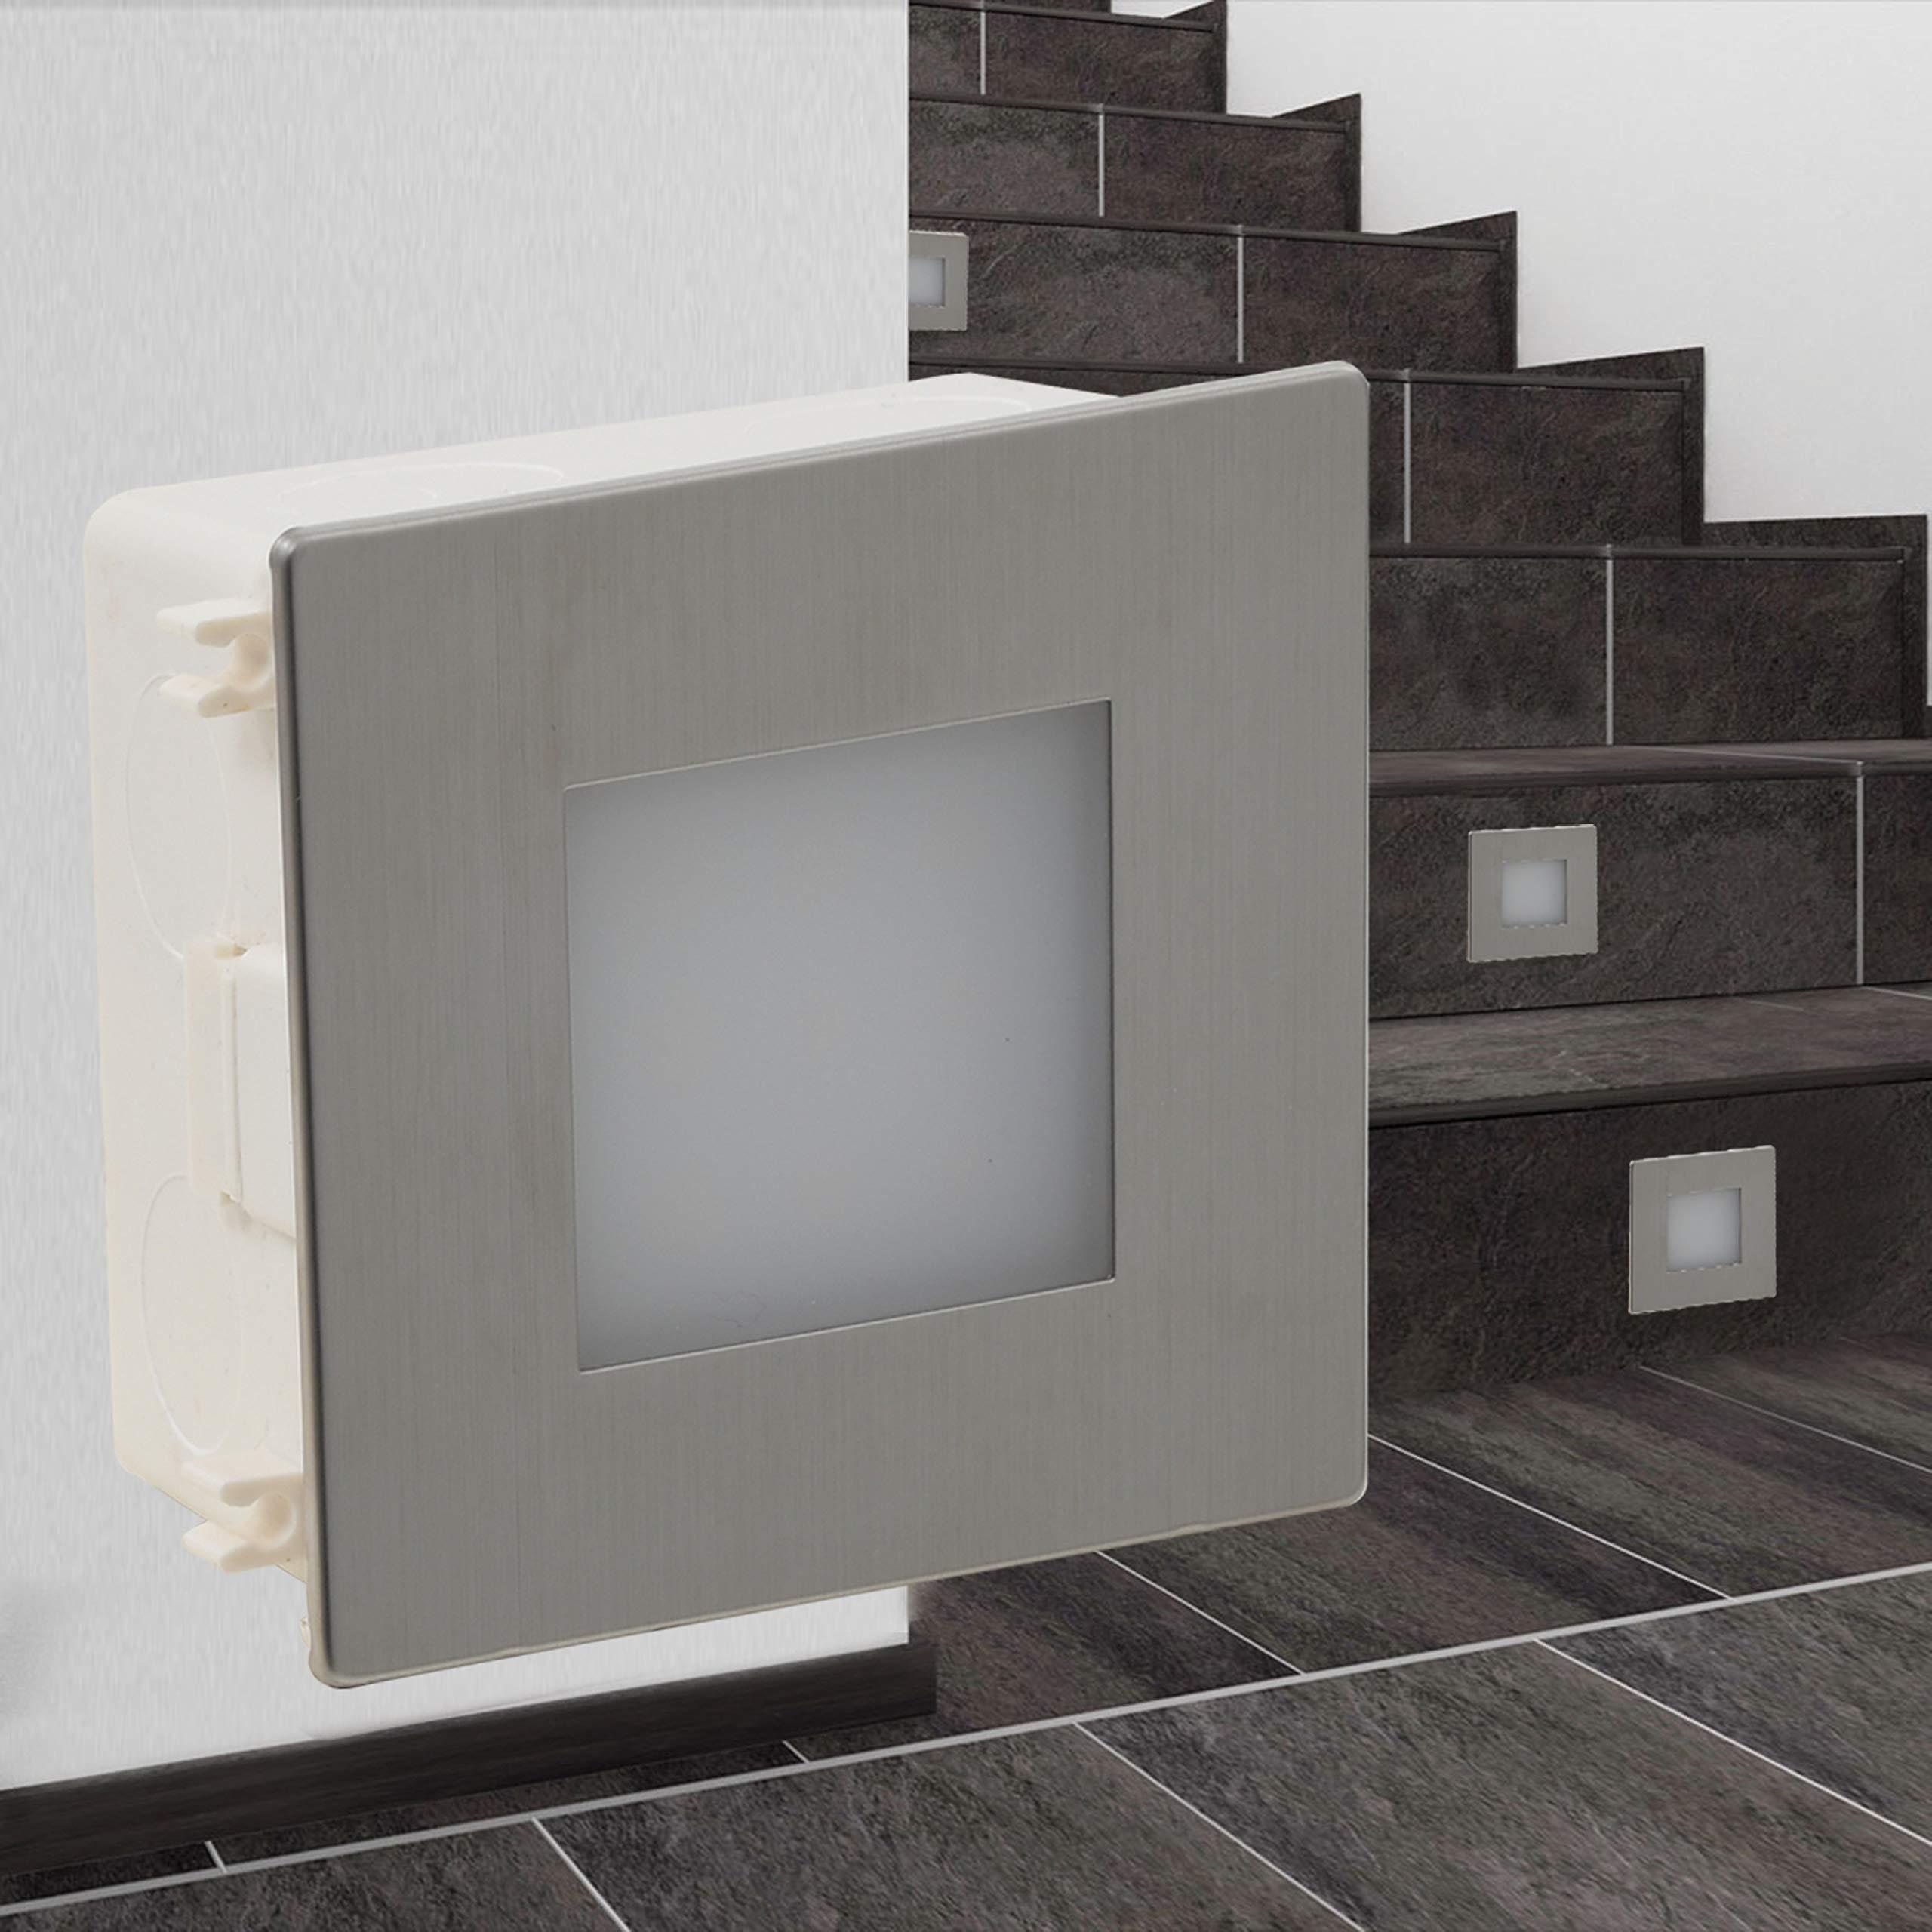 vidaXL 2x Focos Led para Escaleras Acero Inoxidable Luces Peldaños Escalones: Amazon.es: Iluminación